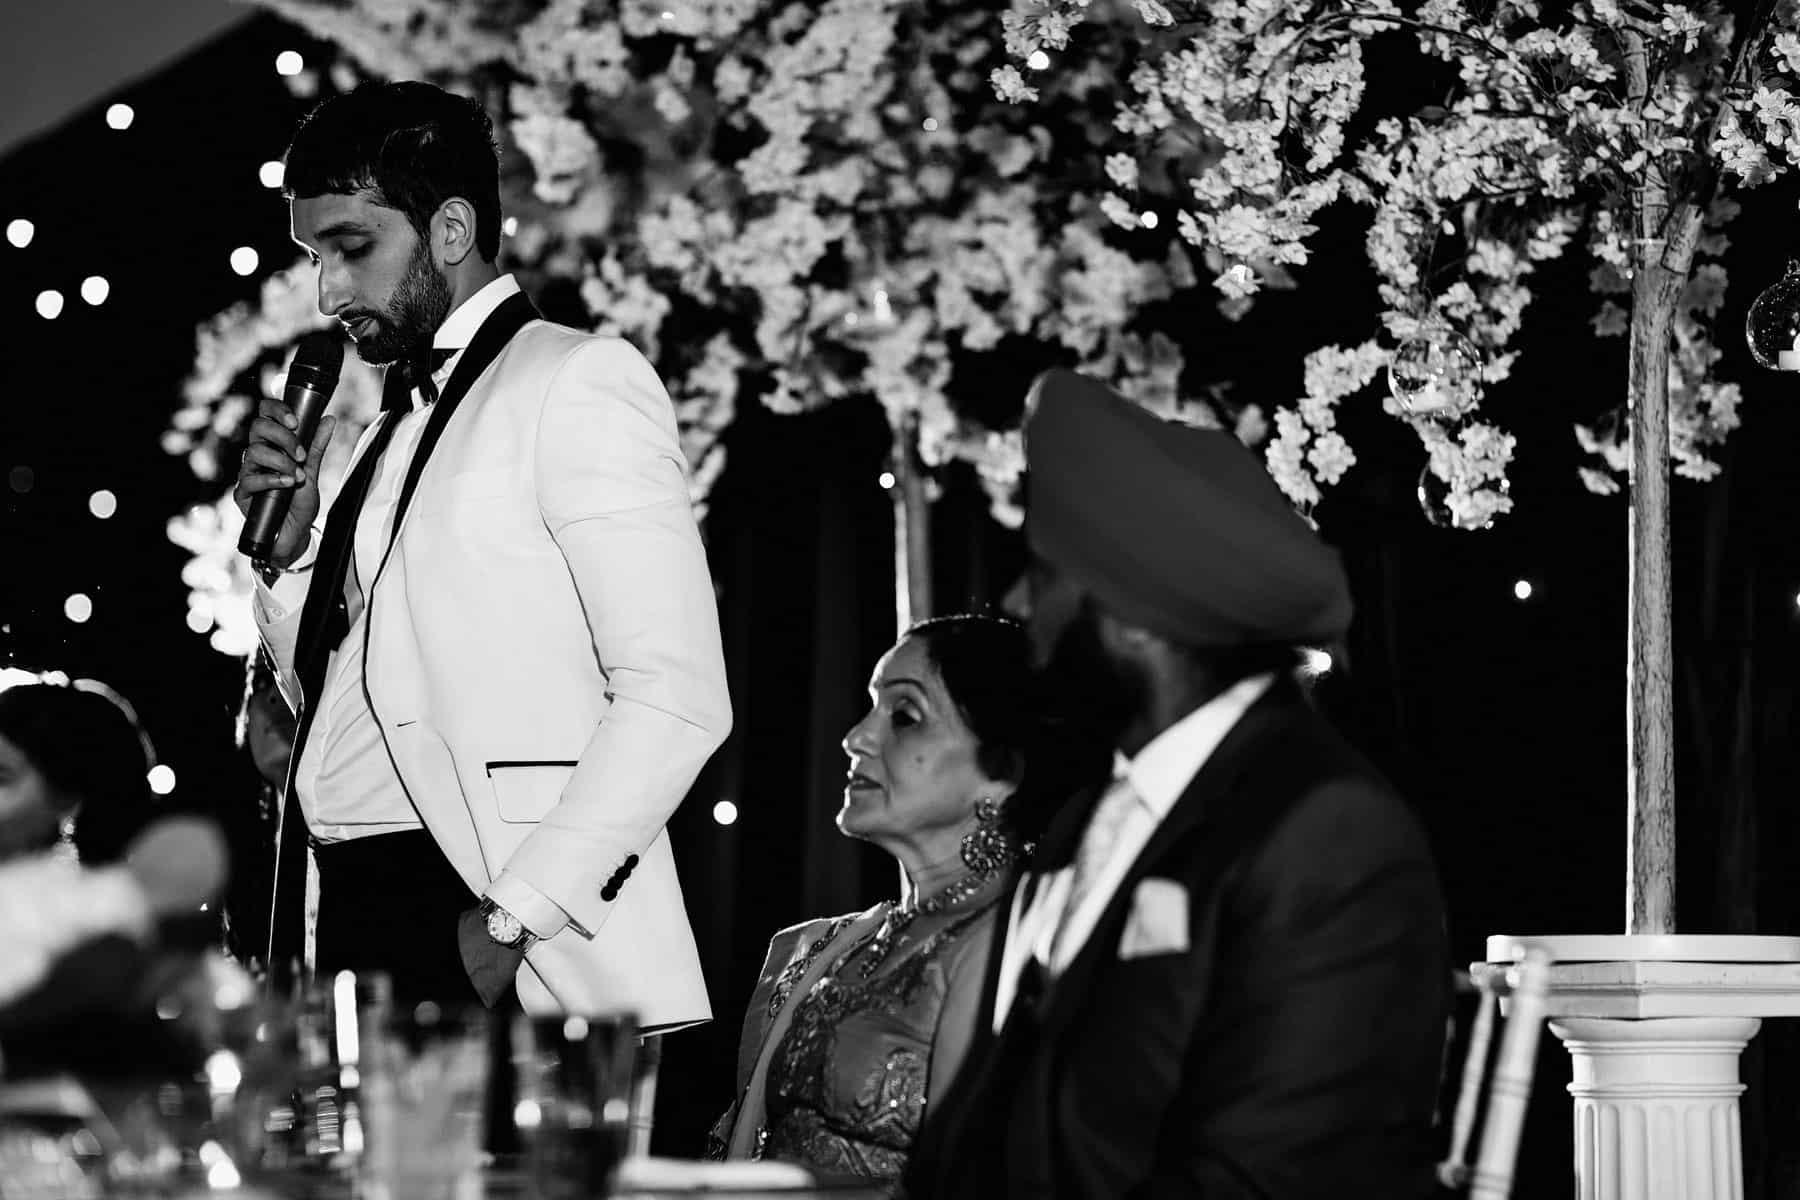 wedding novotel london sikh